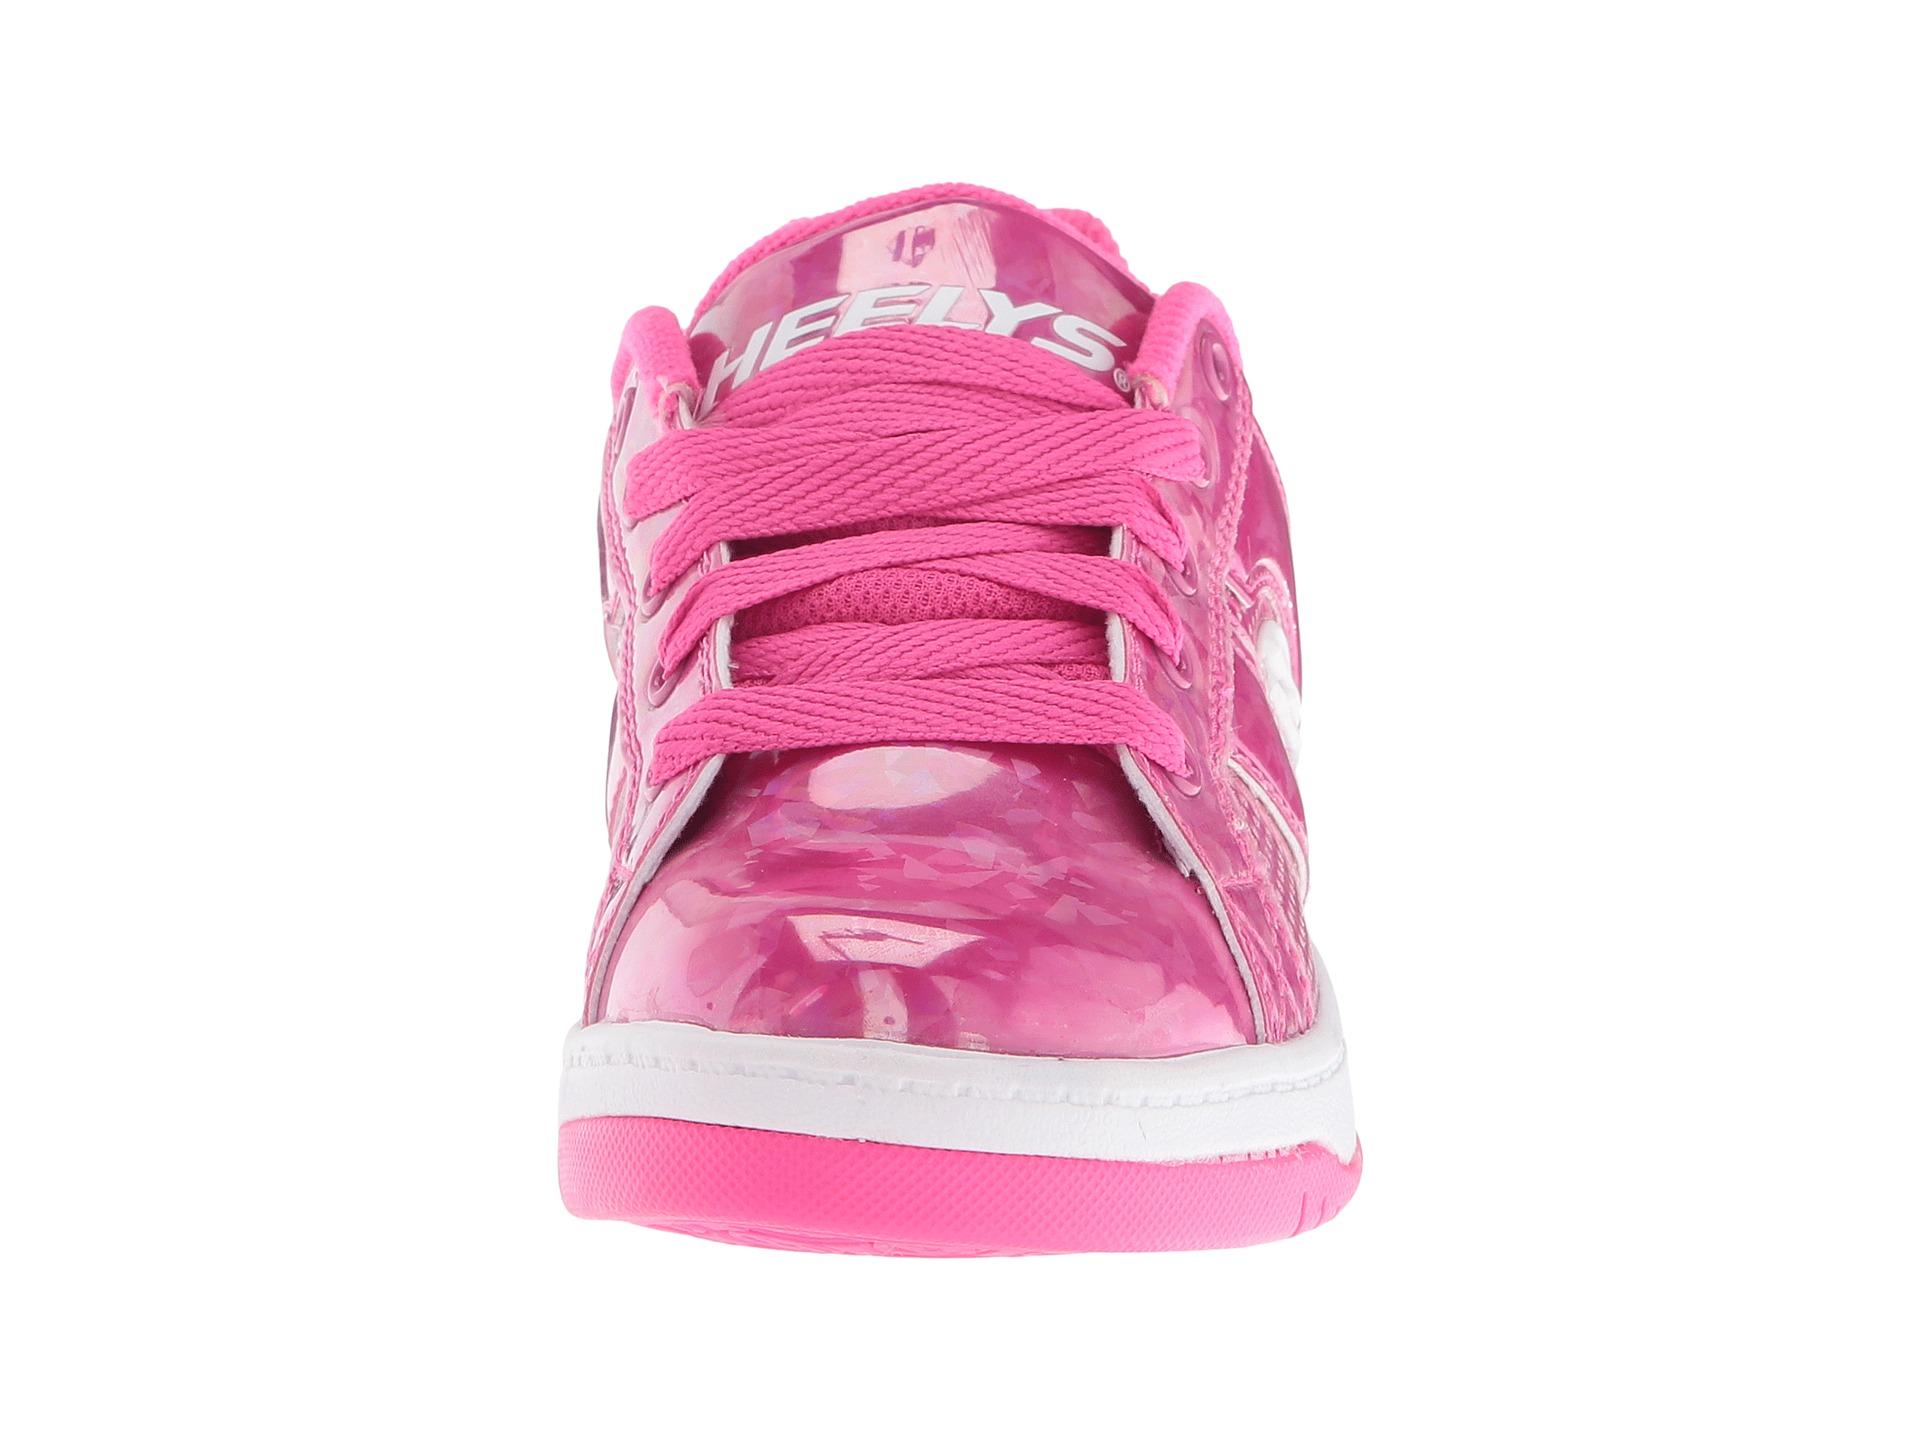 11 adult heelys size